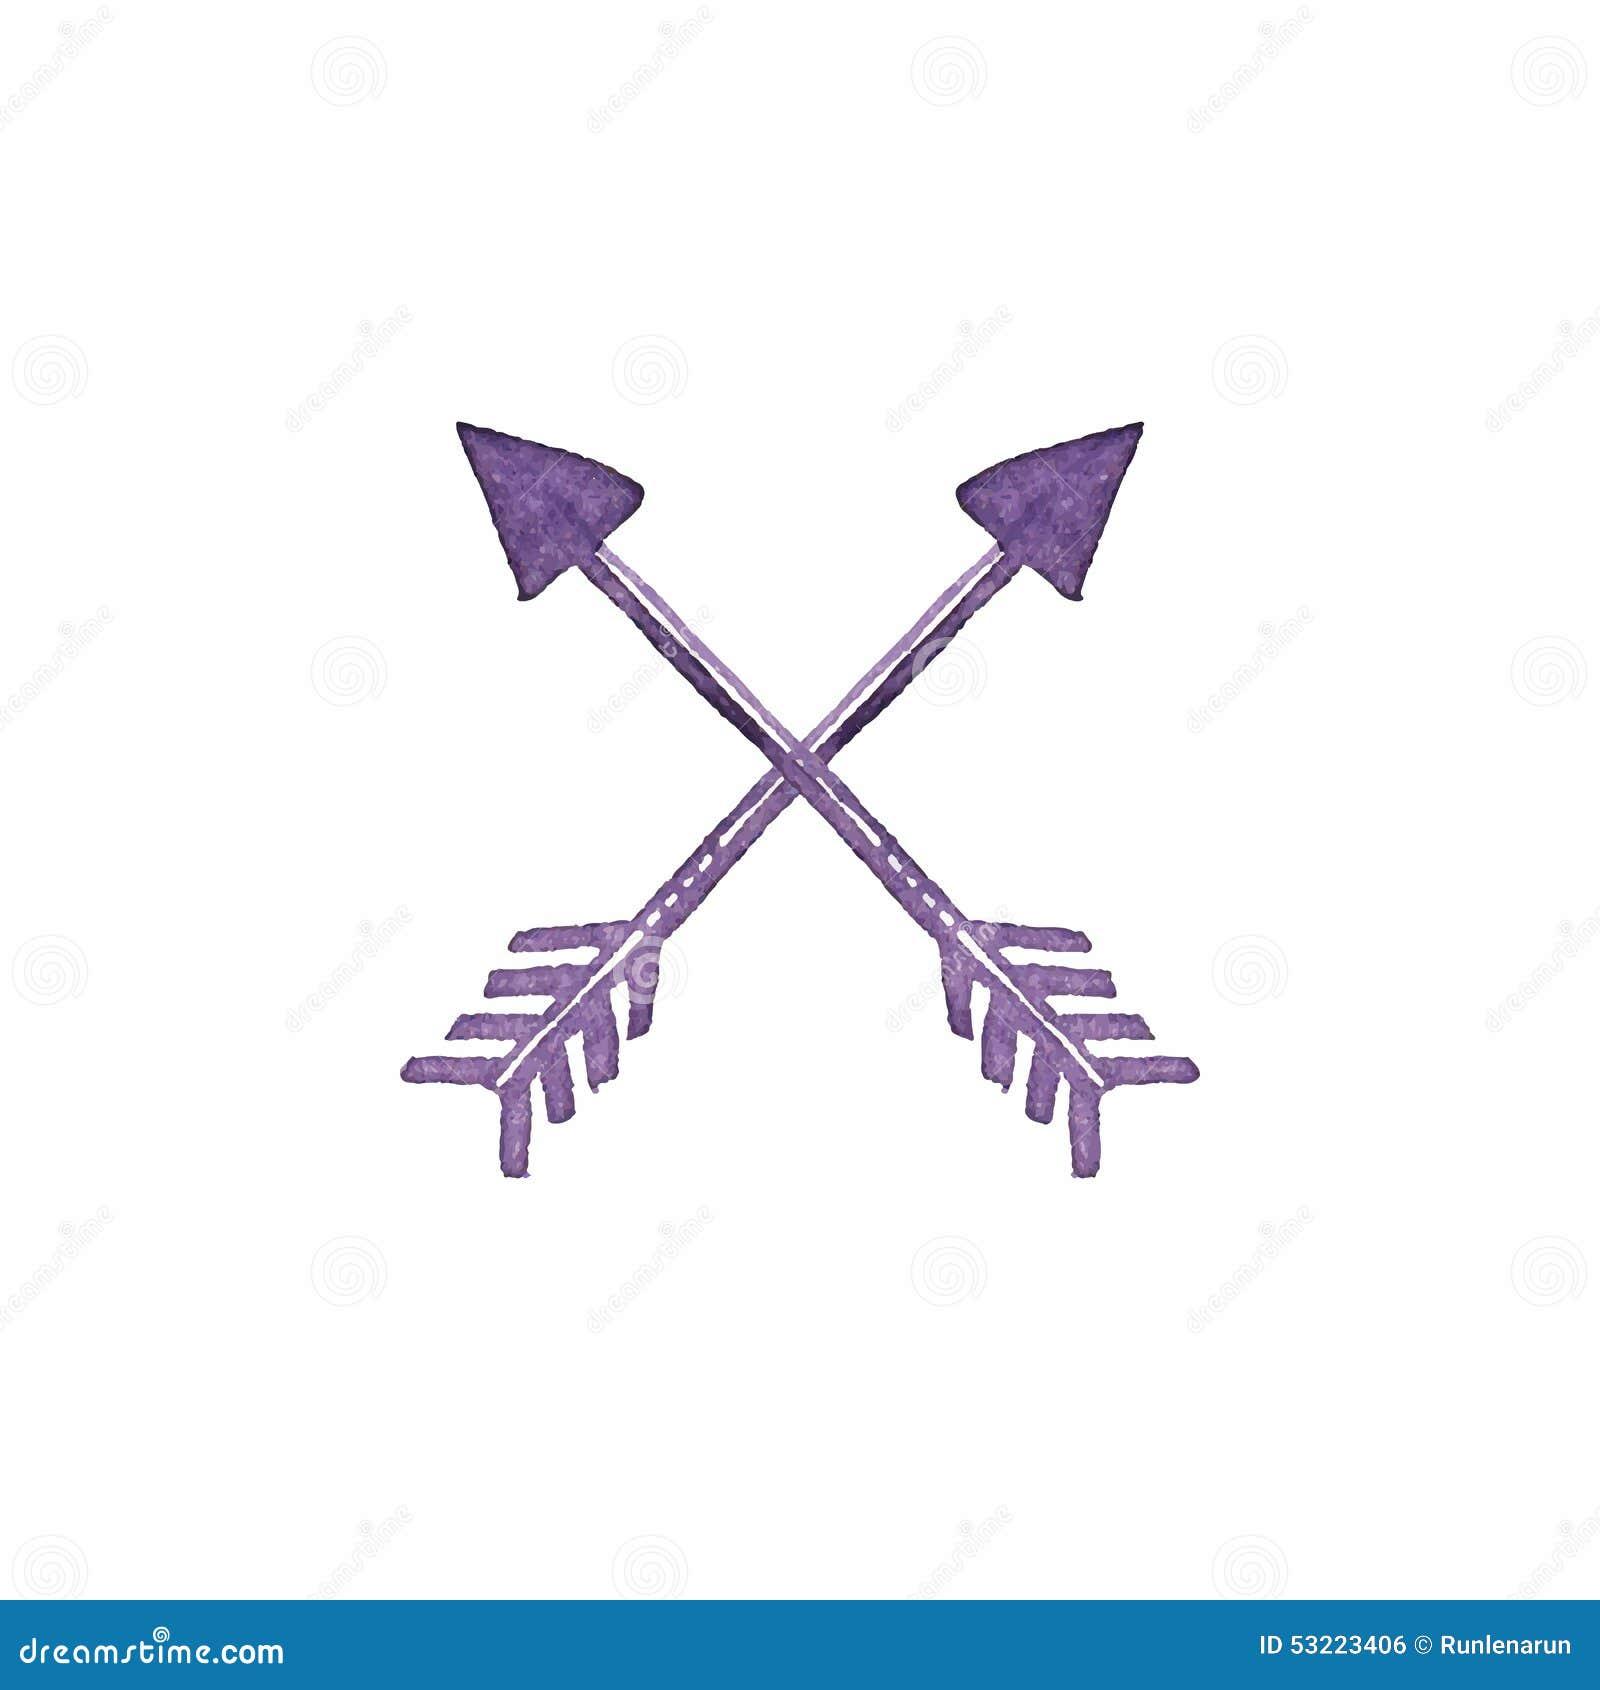 Crossed Arrows Native American Indian Arrow Stock Vector